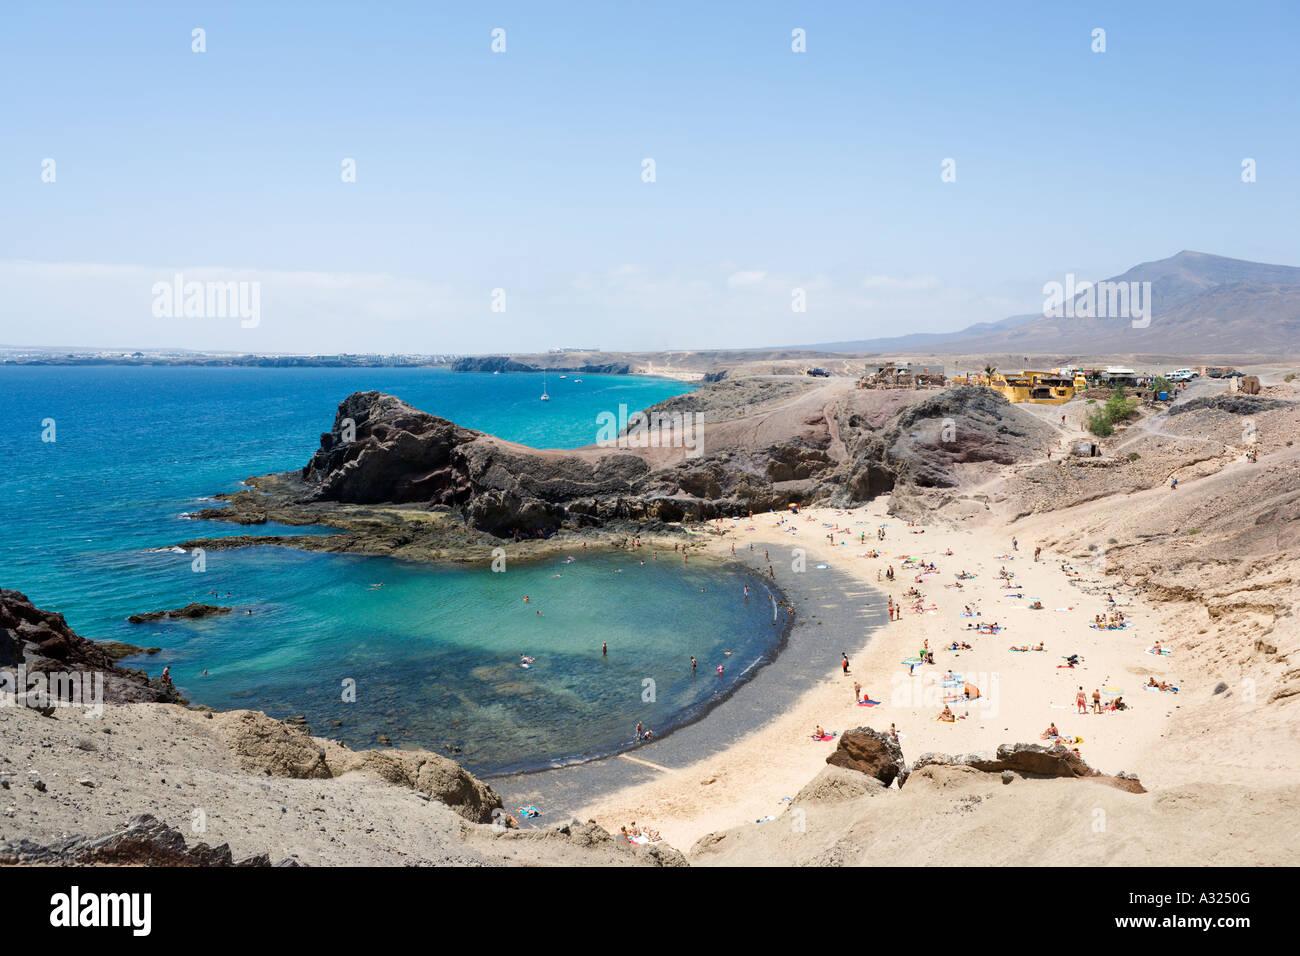 Playa de Papagayo, in der Nähe von Playa Blanca, Lanzarote, Kanarische Inseln, Spanien Stockbild